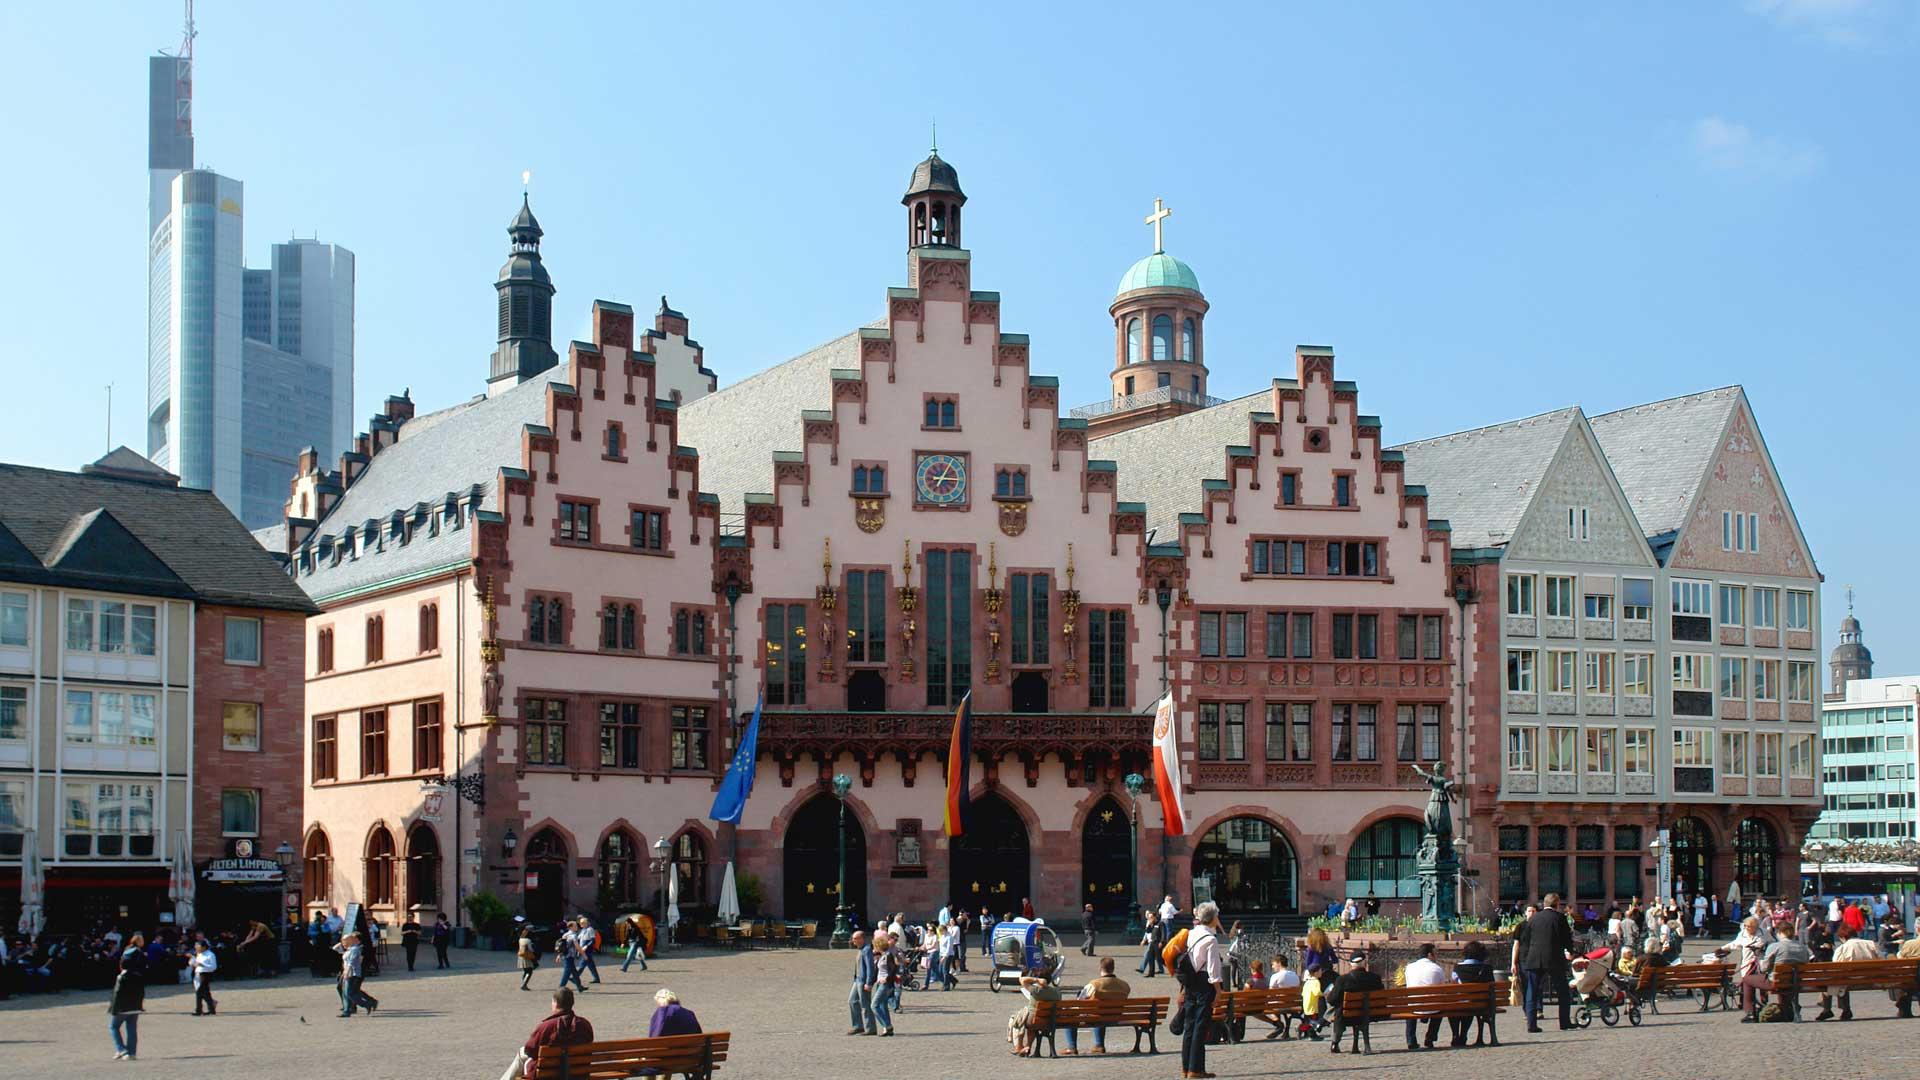 De oude Roemer en de skyline vormen een interessant contrast in Frankfurt am Main.